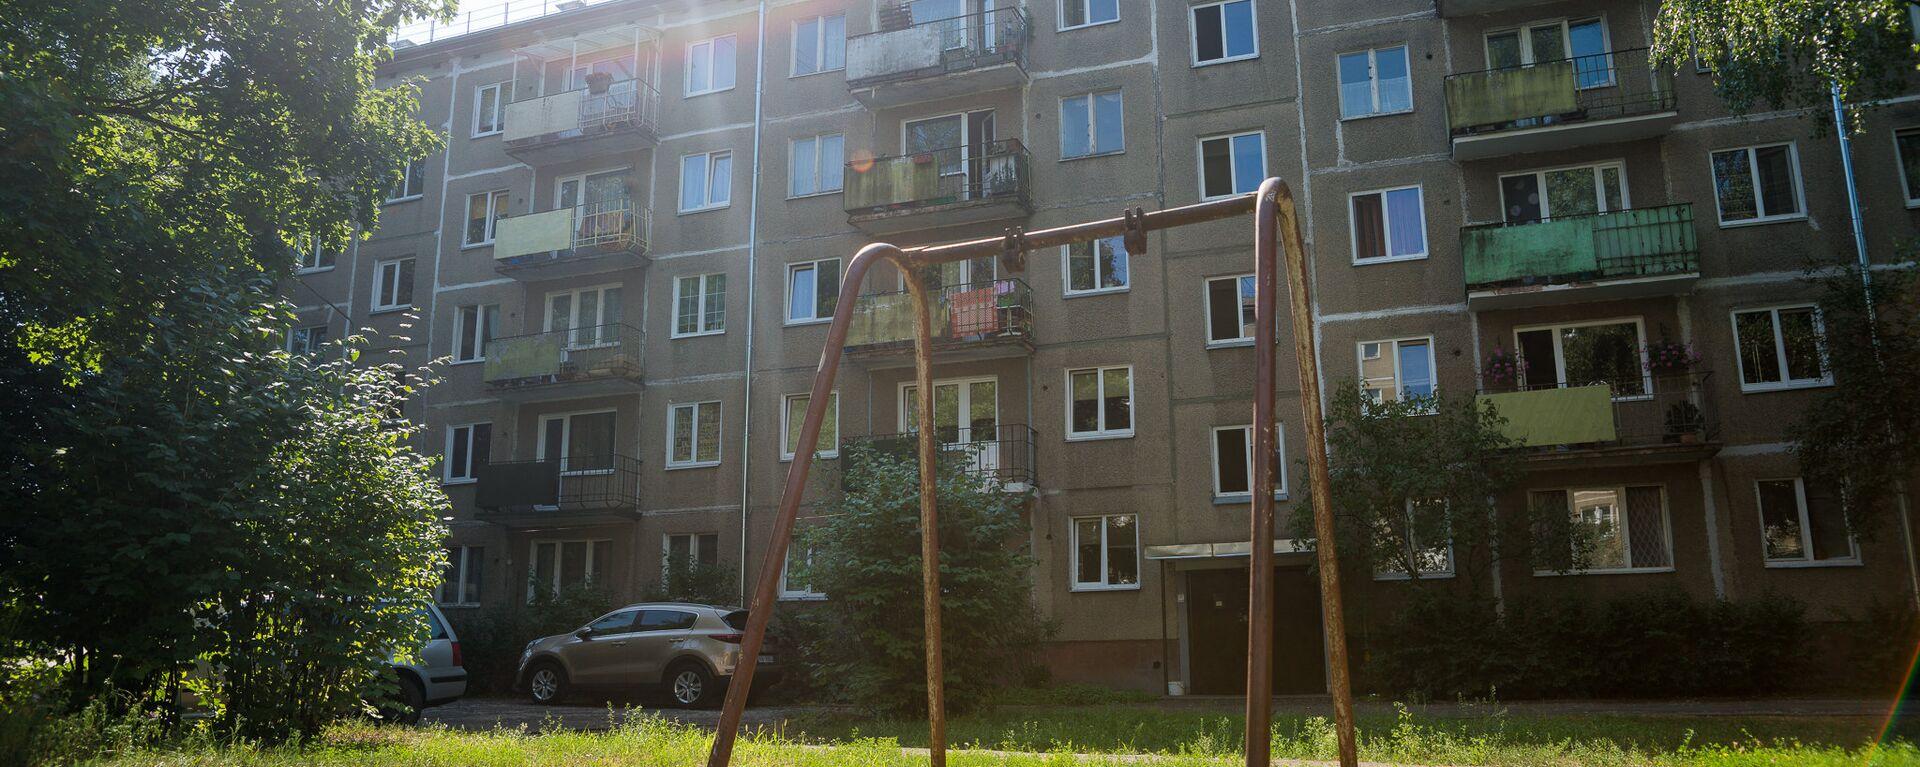 Многоквартирный дом по адресу ул. Юглас 37 - Sputnik Латвия, 1920, 02.06.2021